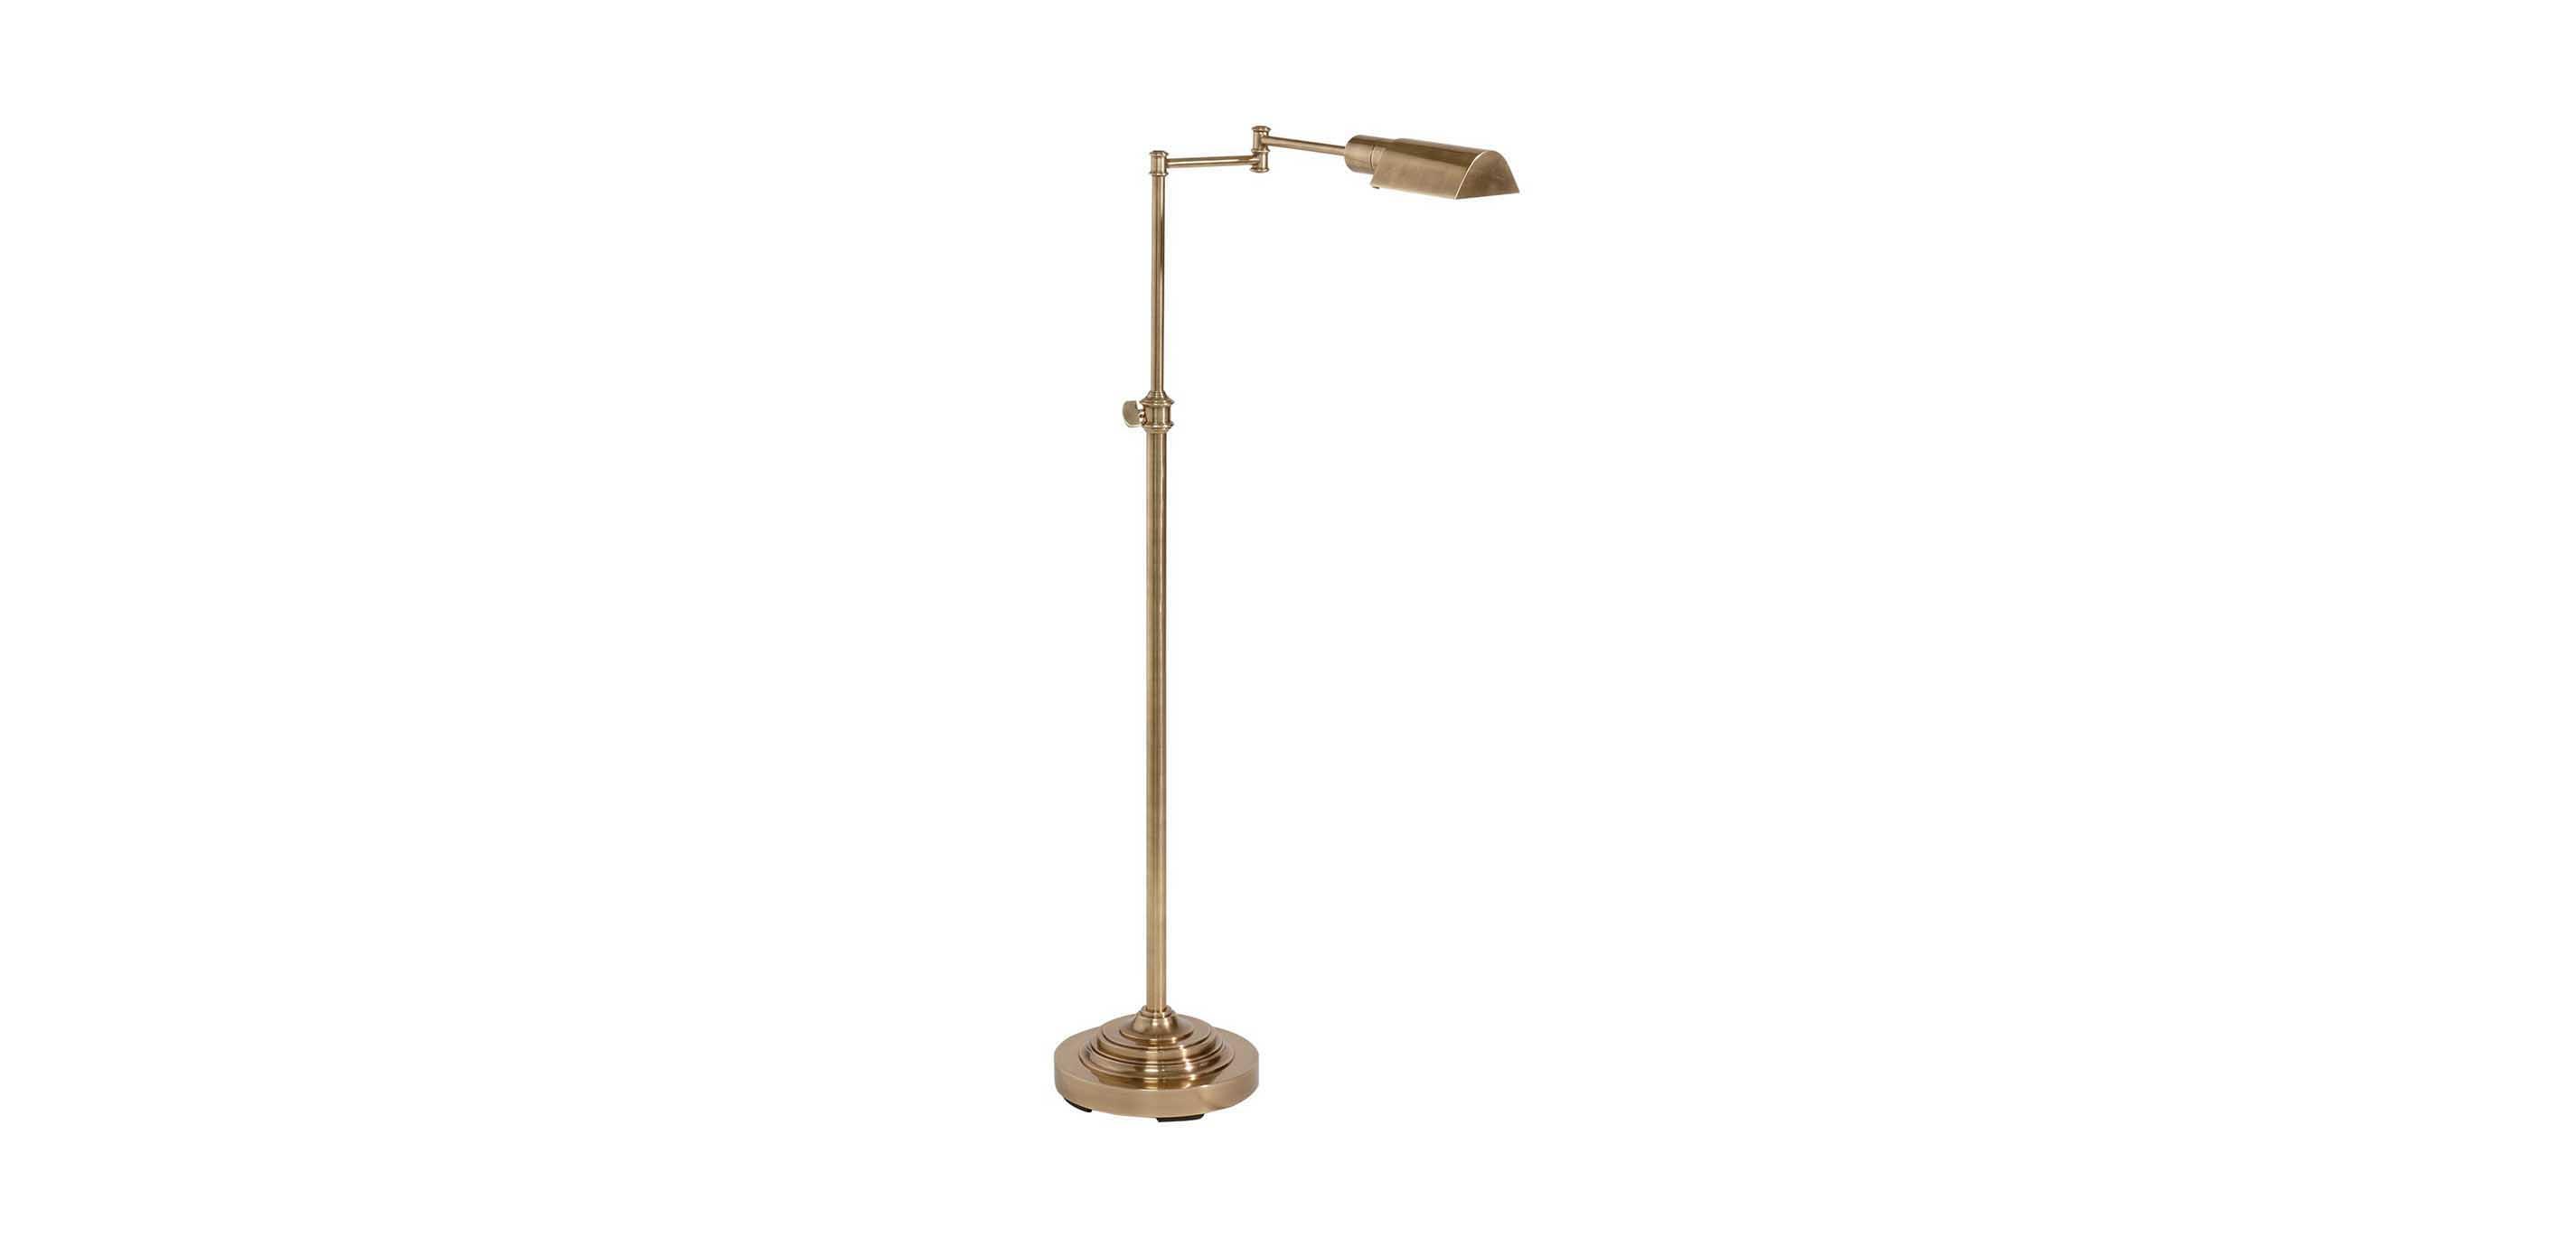 Brass Pharmacy Floor Lamp  FLOOR LAMPS  Ethan Allen